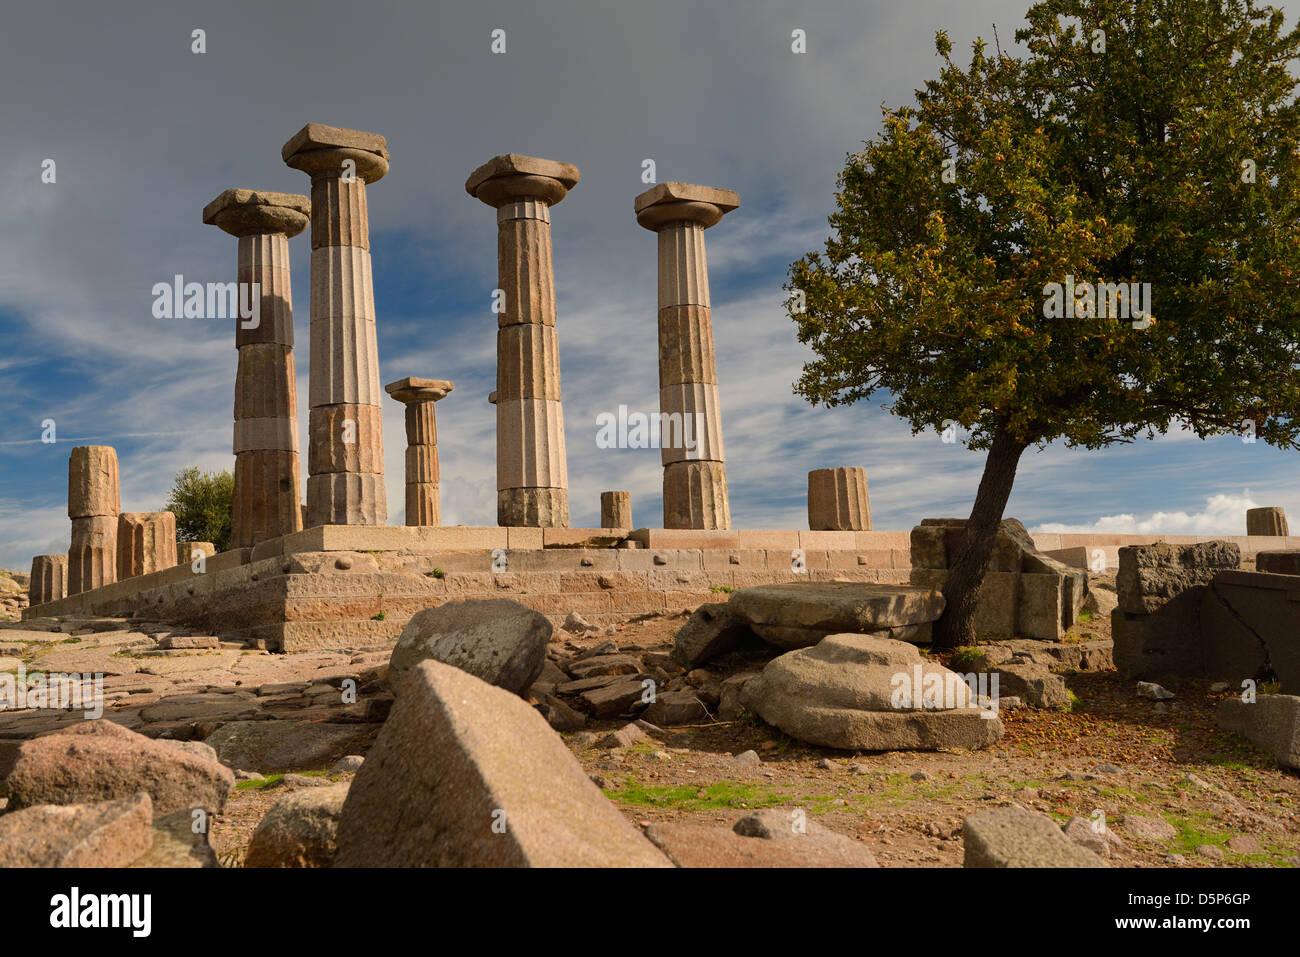 Dorischen Säule Ruinen der Tempel der Athena mit Quitten Baum in Assos behramkale Türkei Stockbild